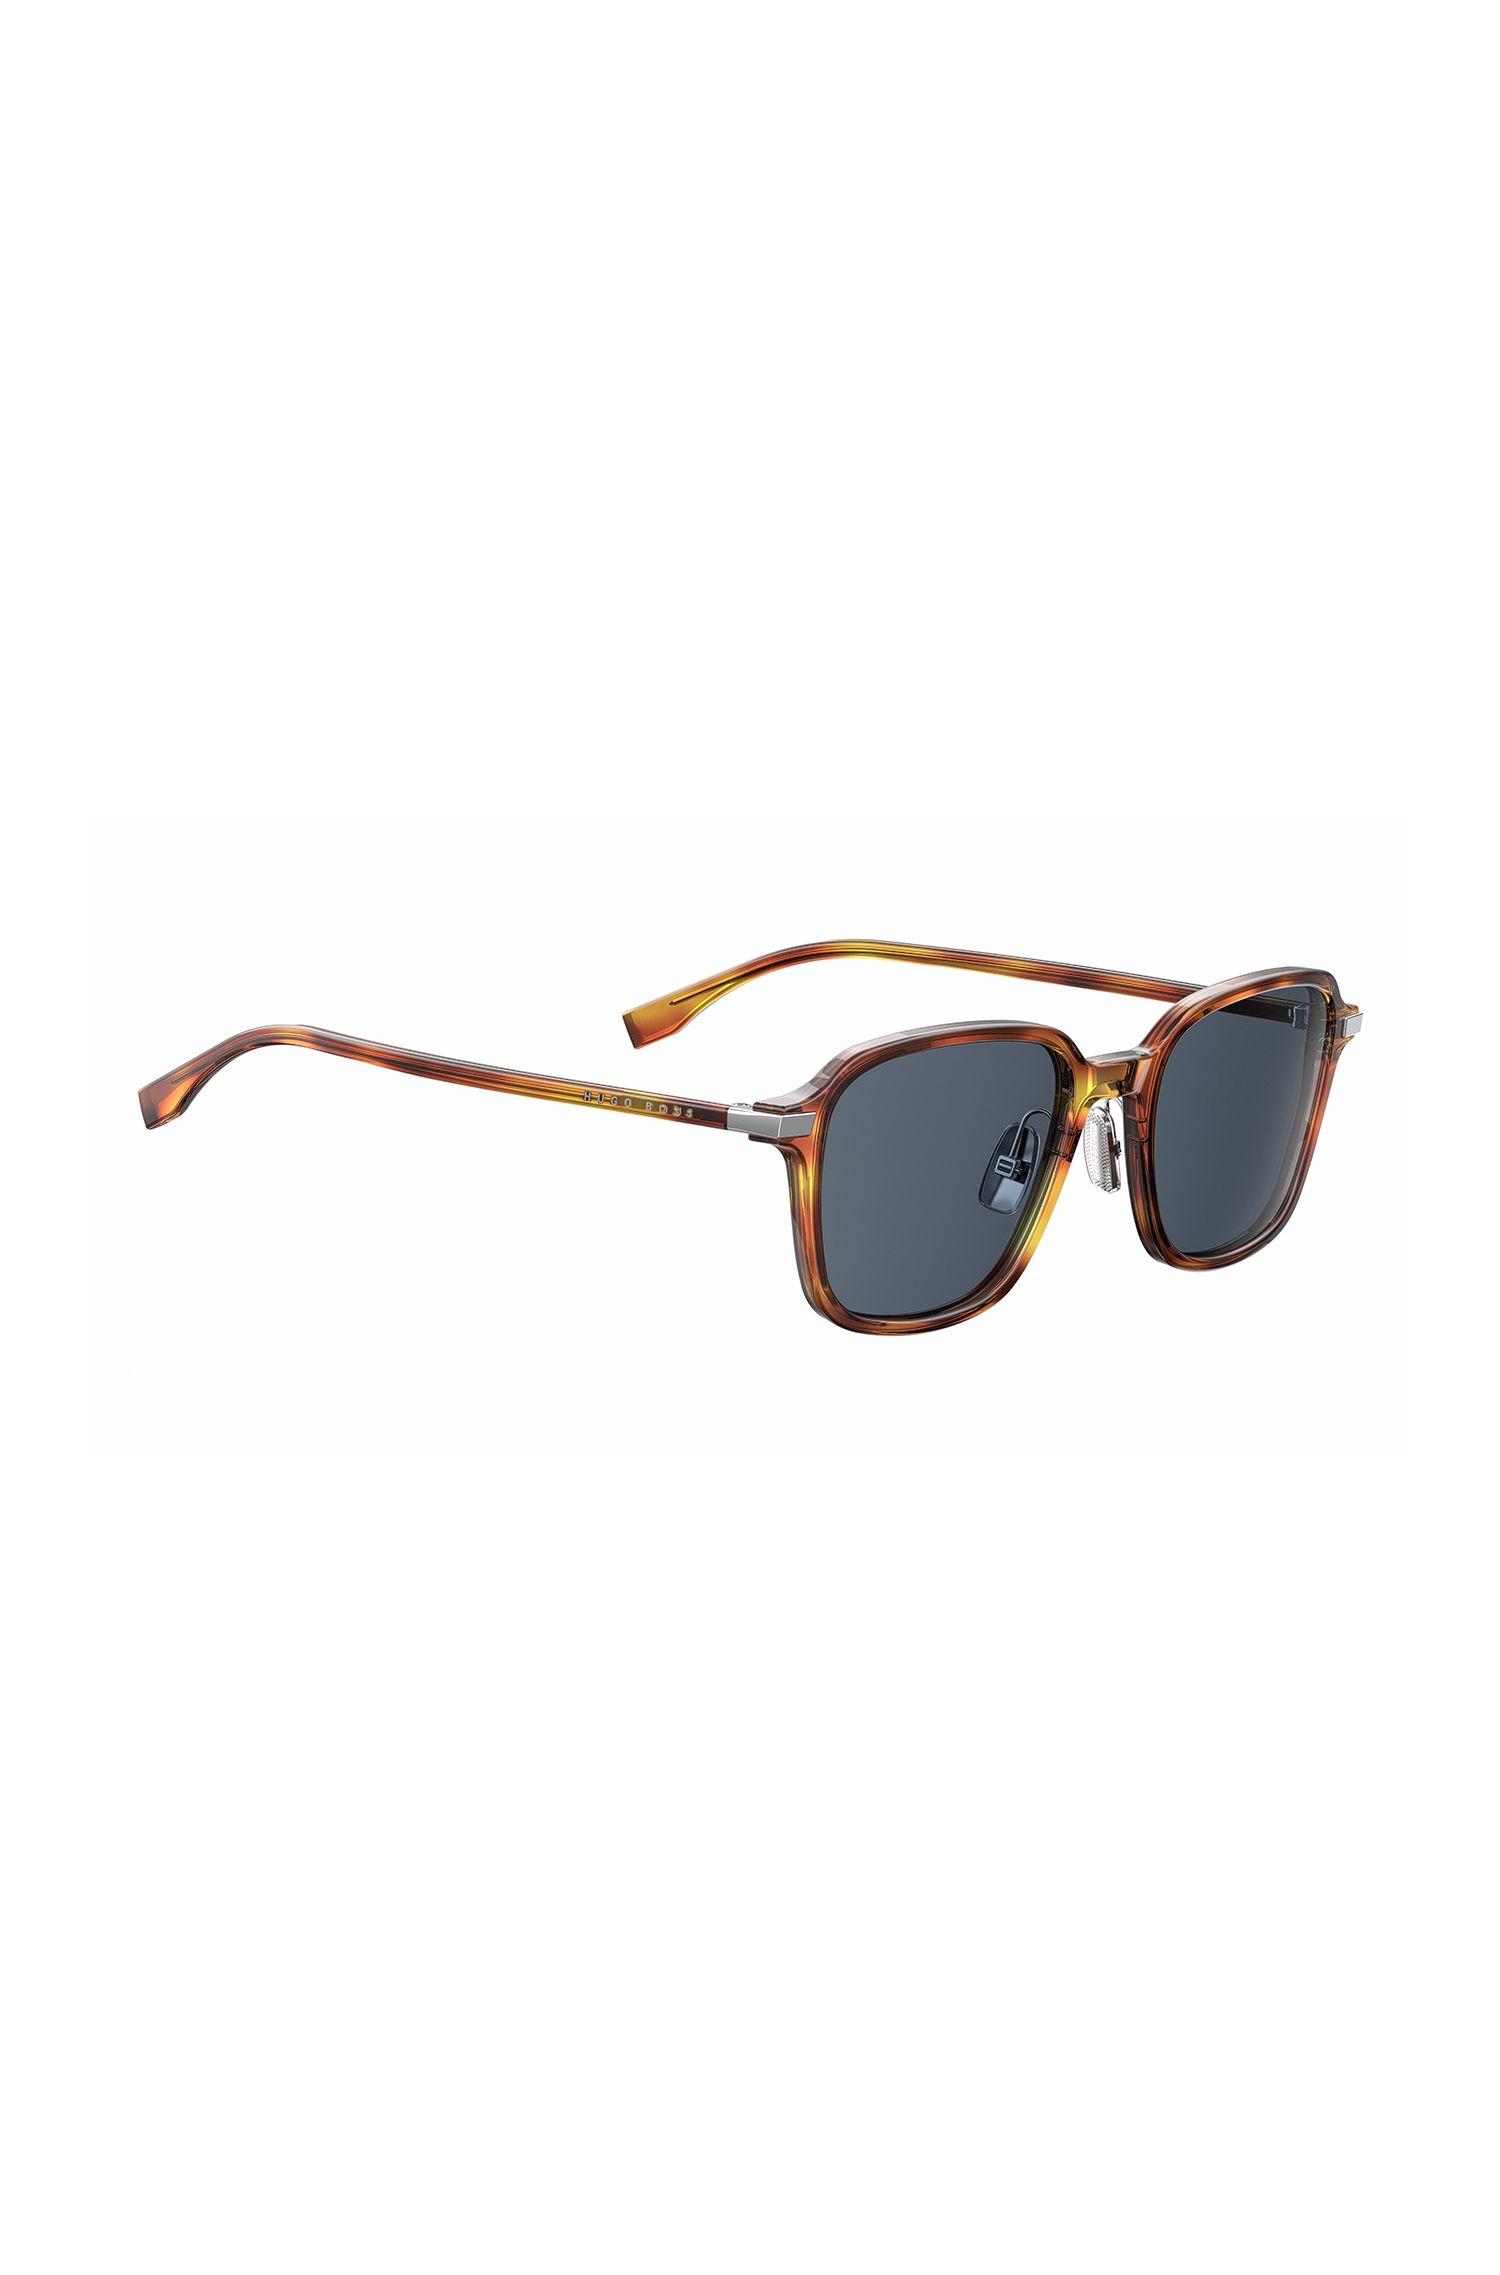 Black Lens Havana Square Sunglasses | BOSS 0909S